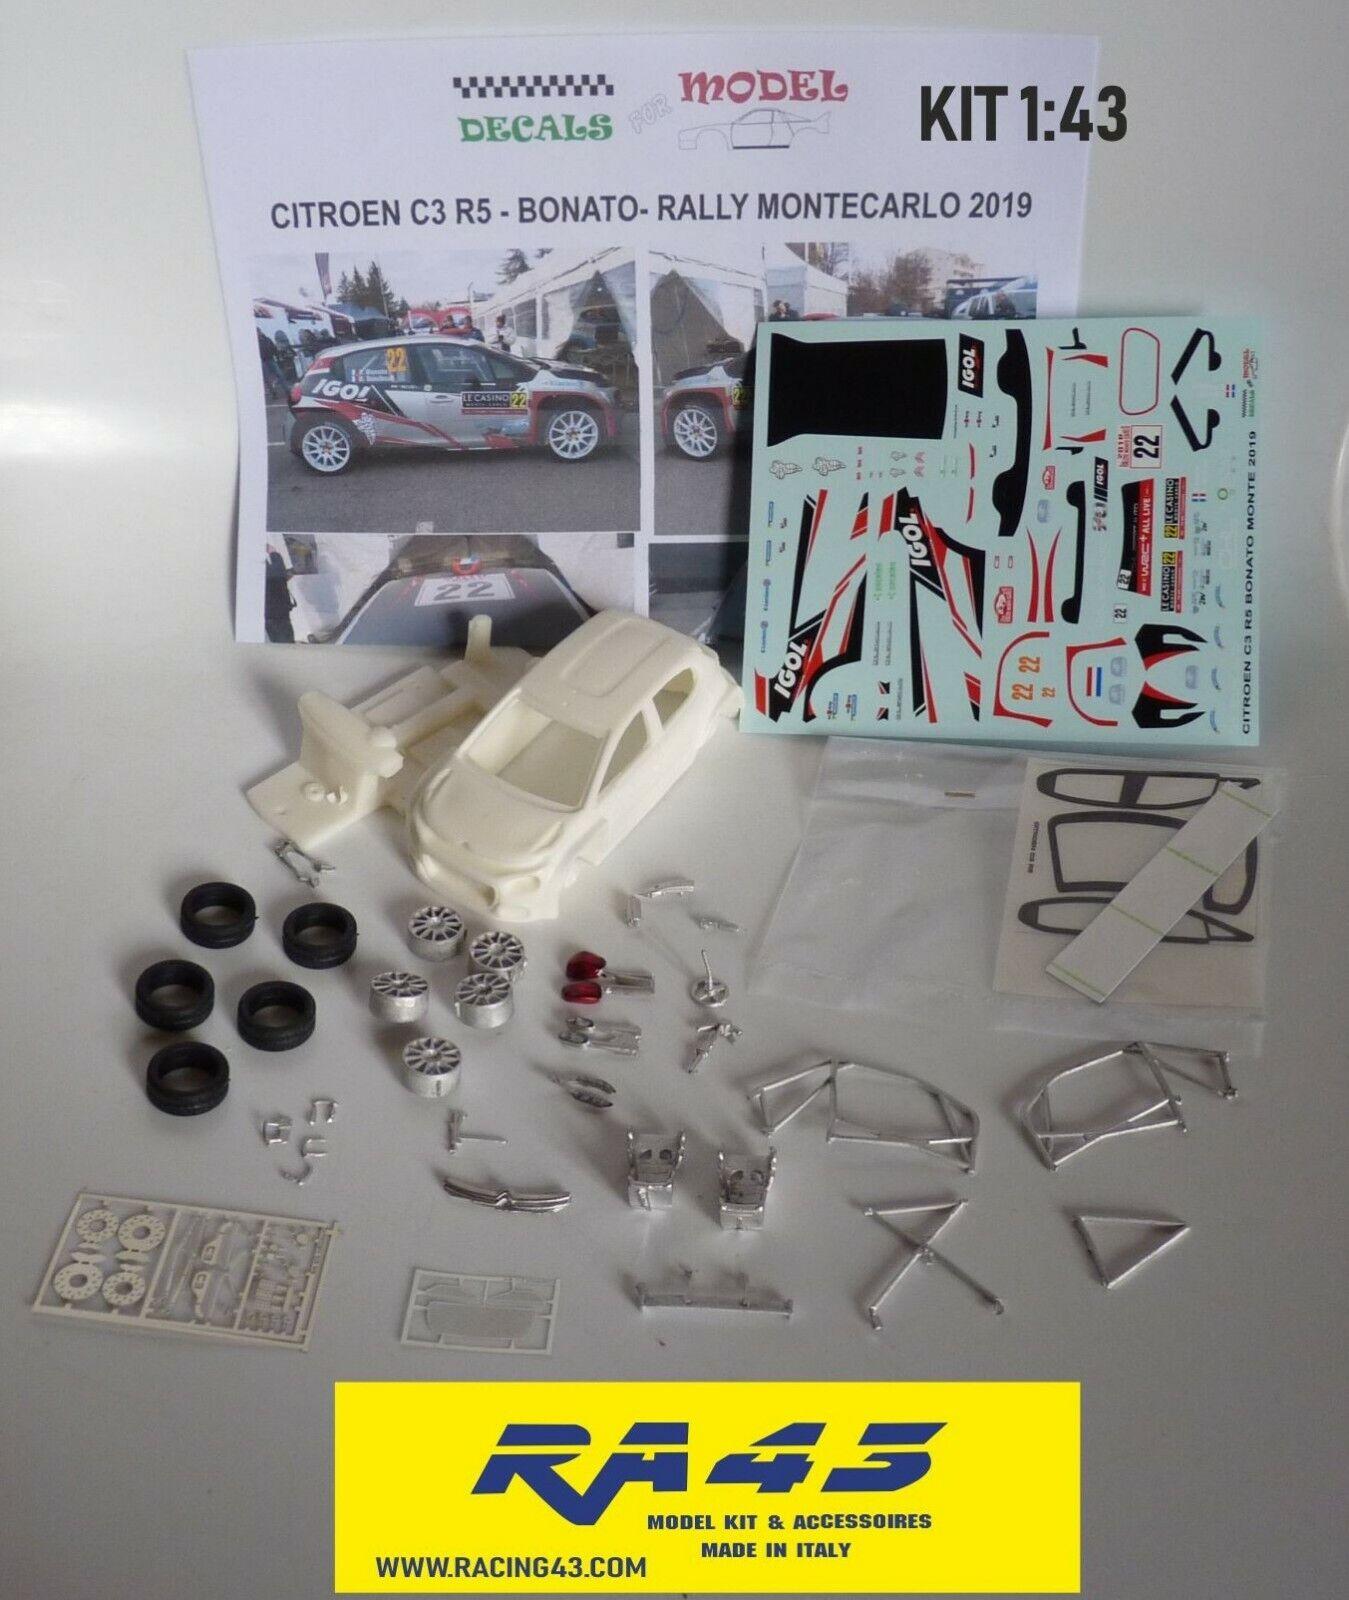 Los mejores precios y los estilos más frescos. 1 43 Citroen C 3 R5 Rally MonteCochelo 2019 2019 2019 Bonato Kit  mejor moda